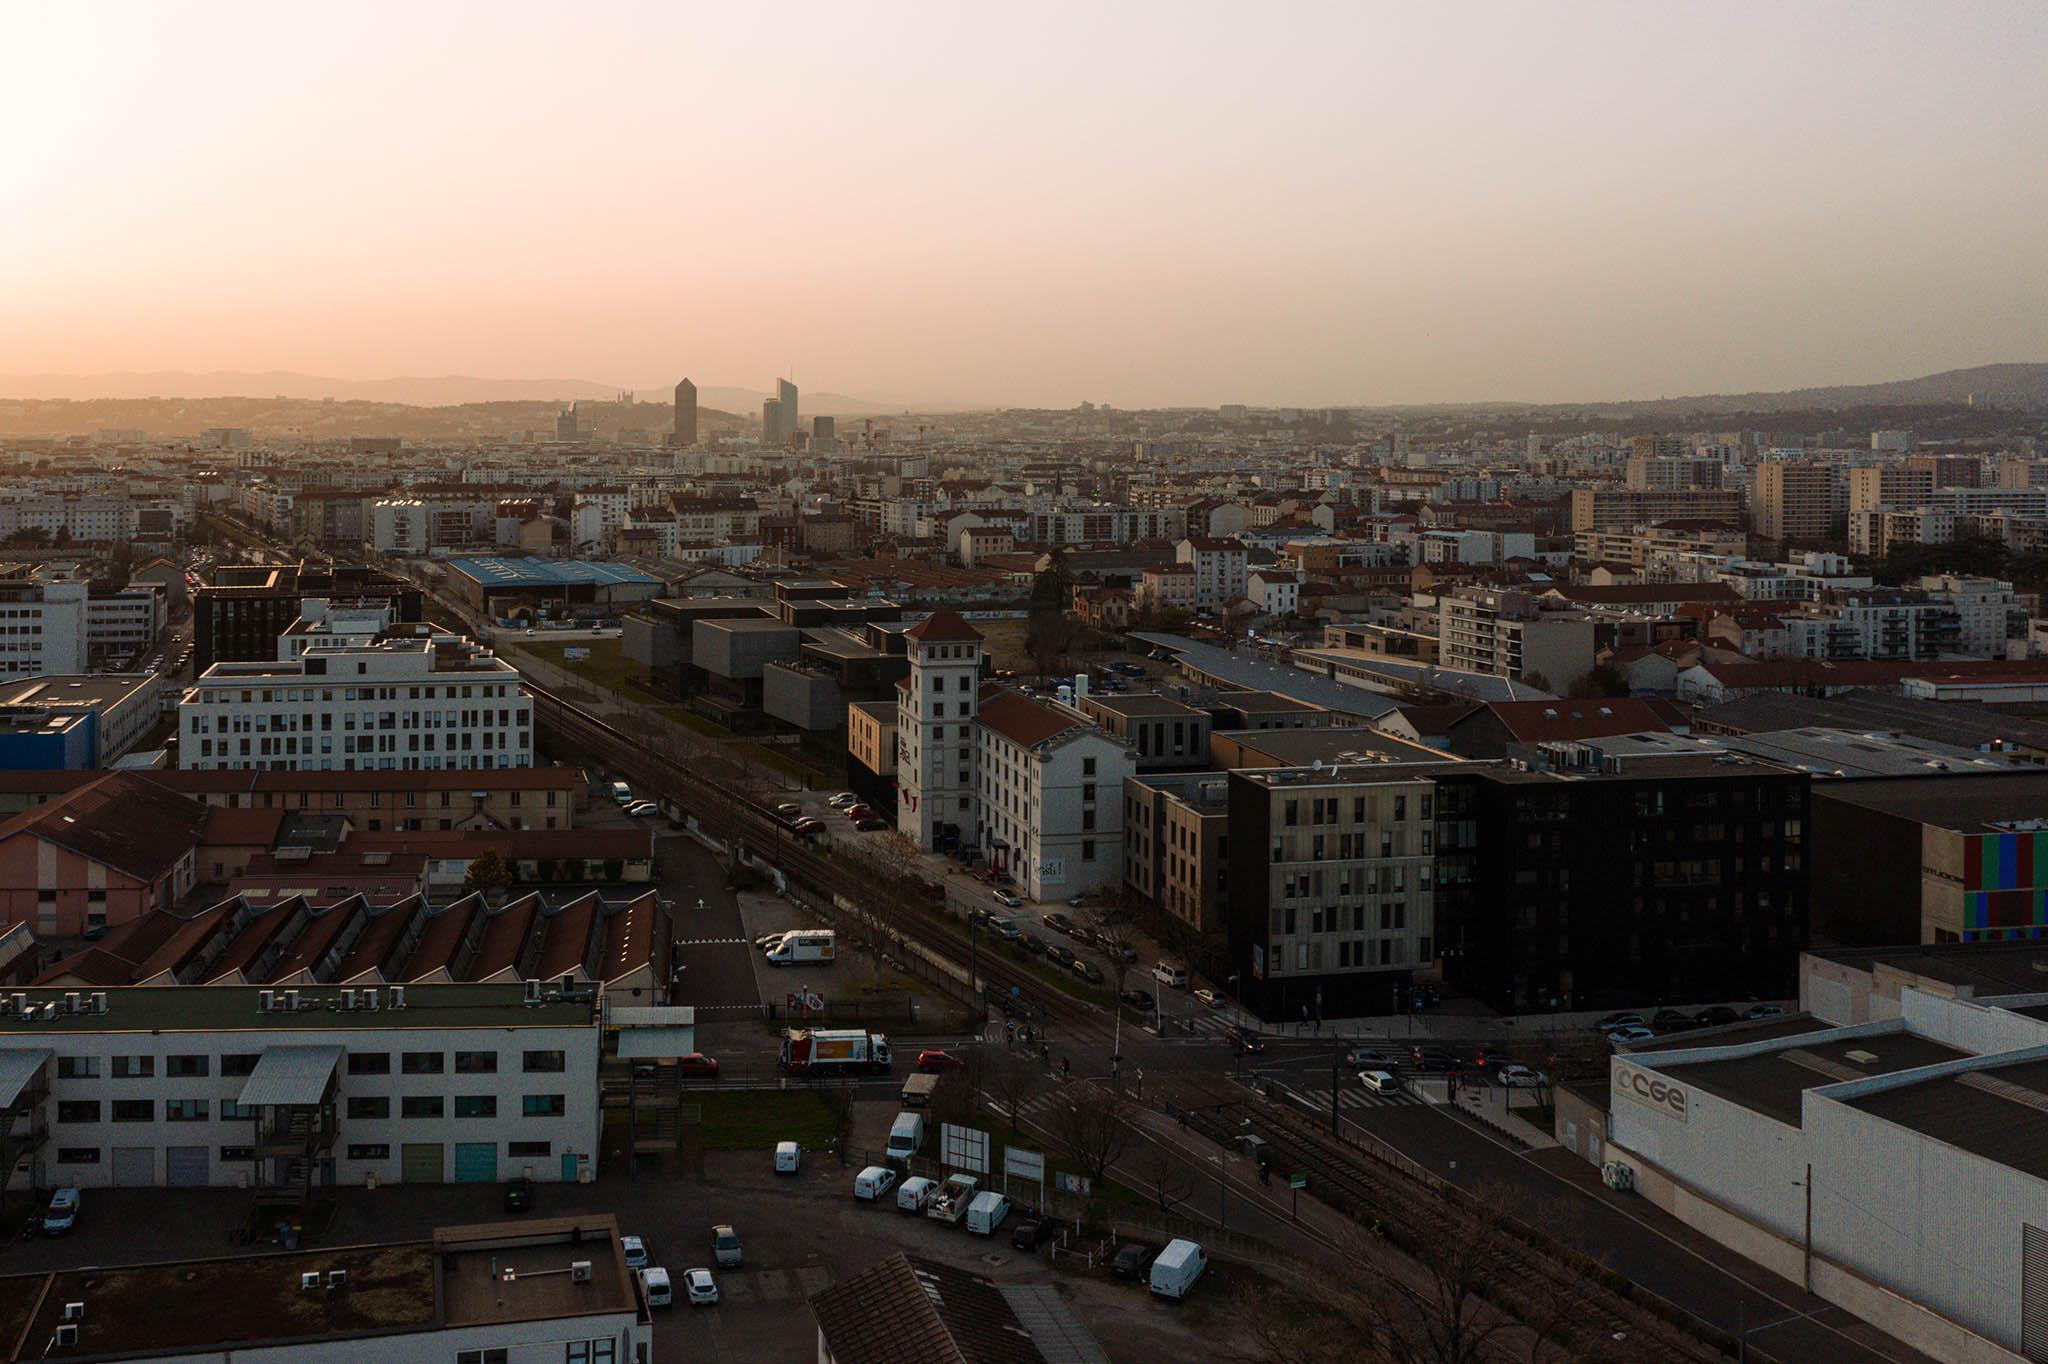 Vue aérienne de Lyon au soleil couchant depuis le Pôle PIXEL